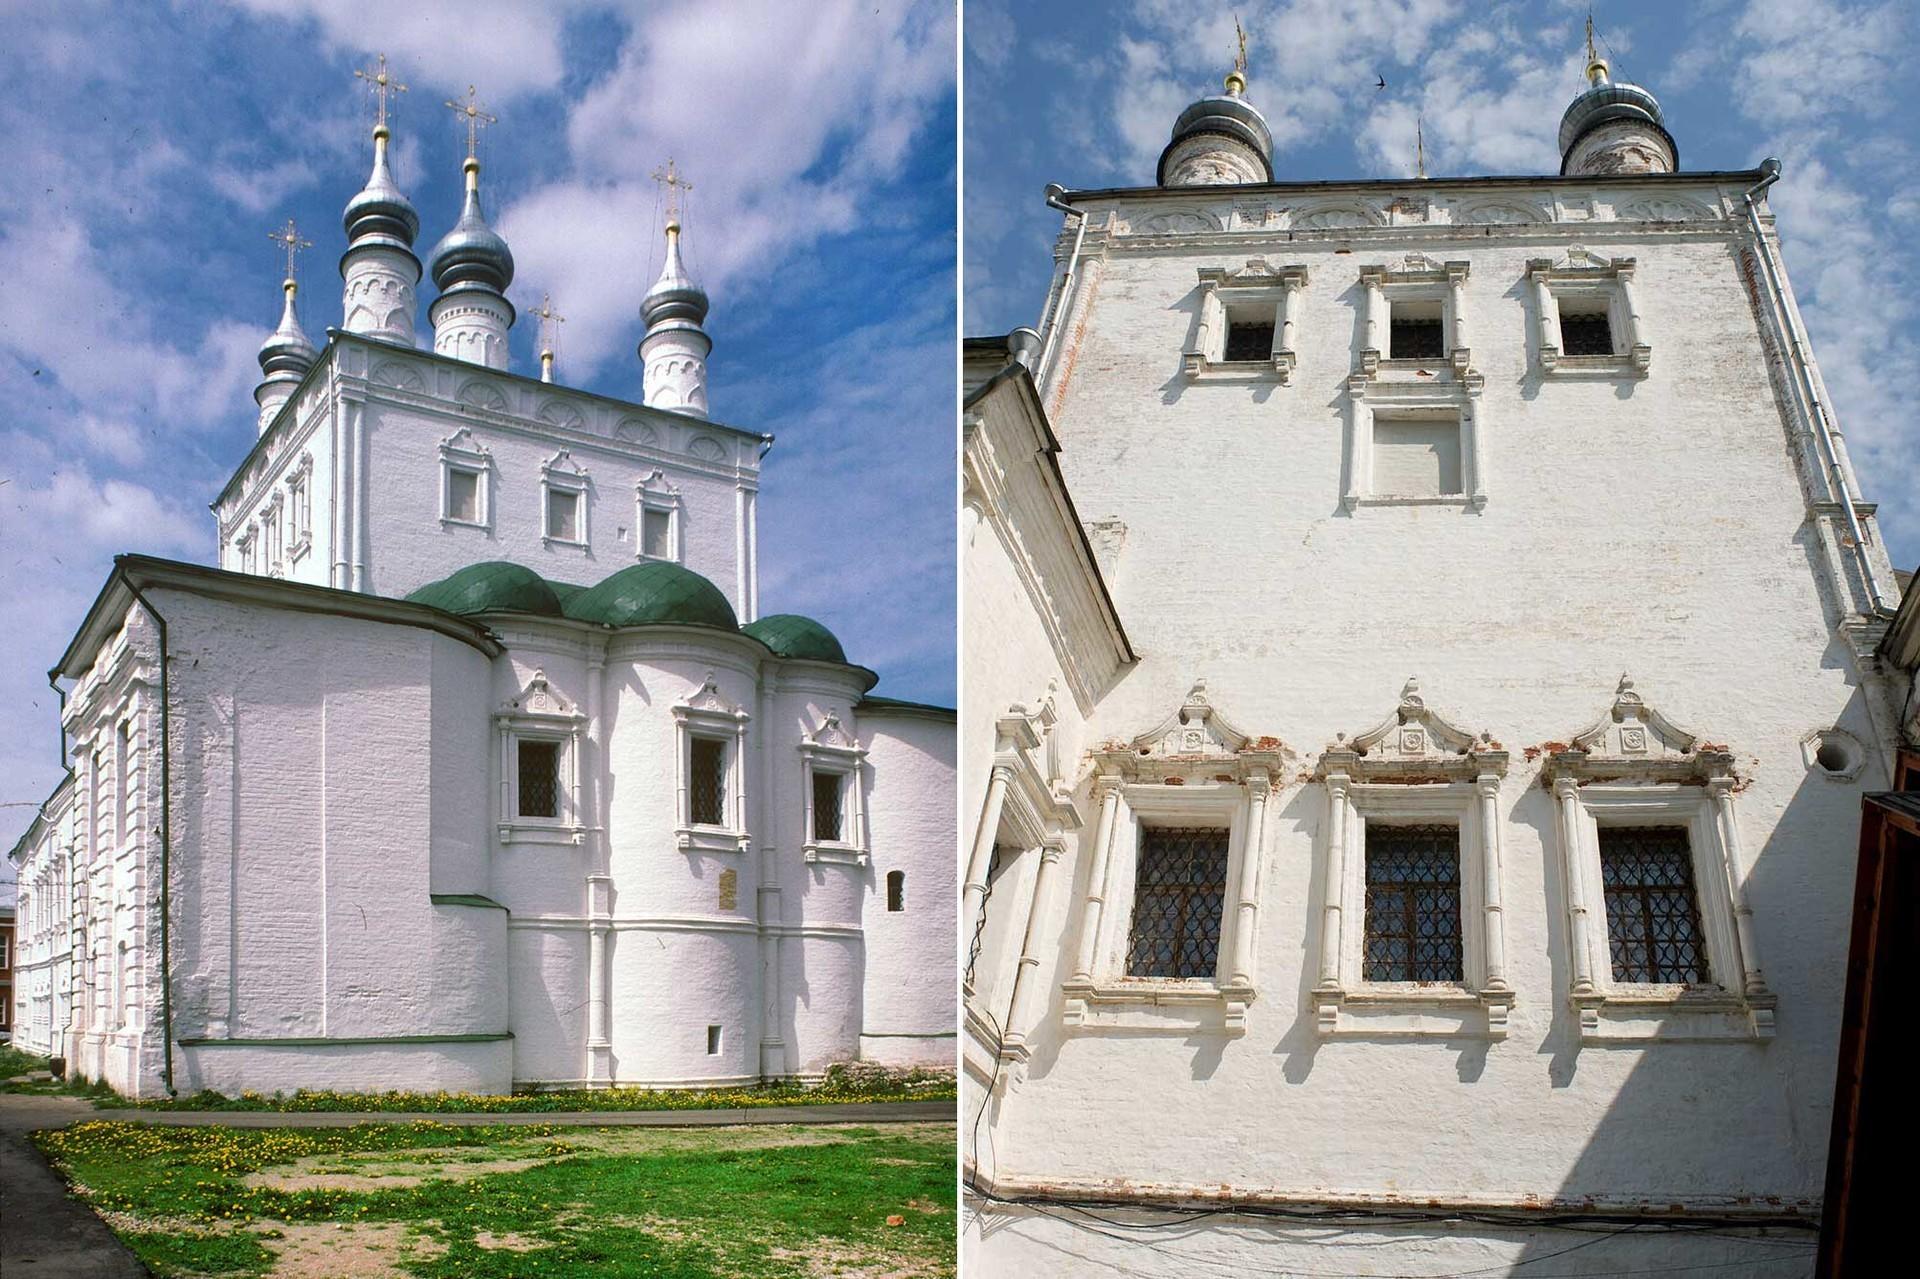 ゴリツキー生神女就寝修道院。 全聖人教会。東側の景観。 1995年6月28日。(左)  ゴリツキー生神女就寝修道院。 全聖人教会。南側正面。2012年7月12日。(右)